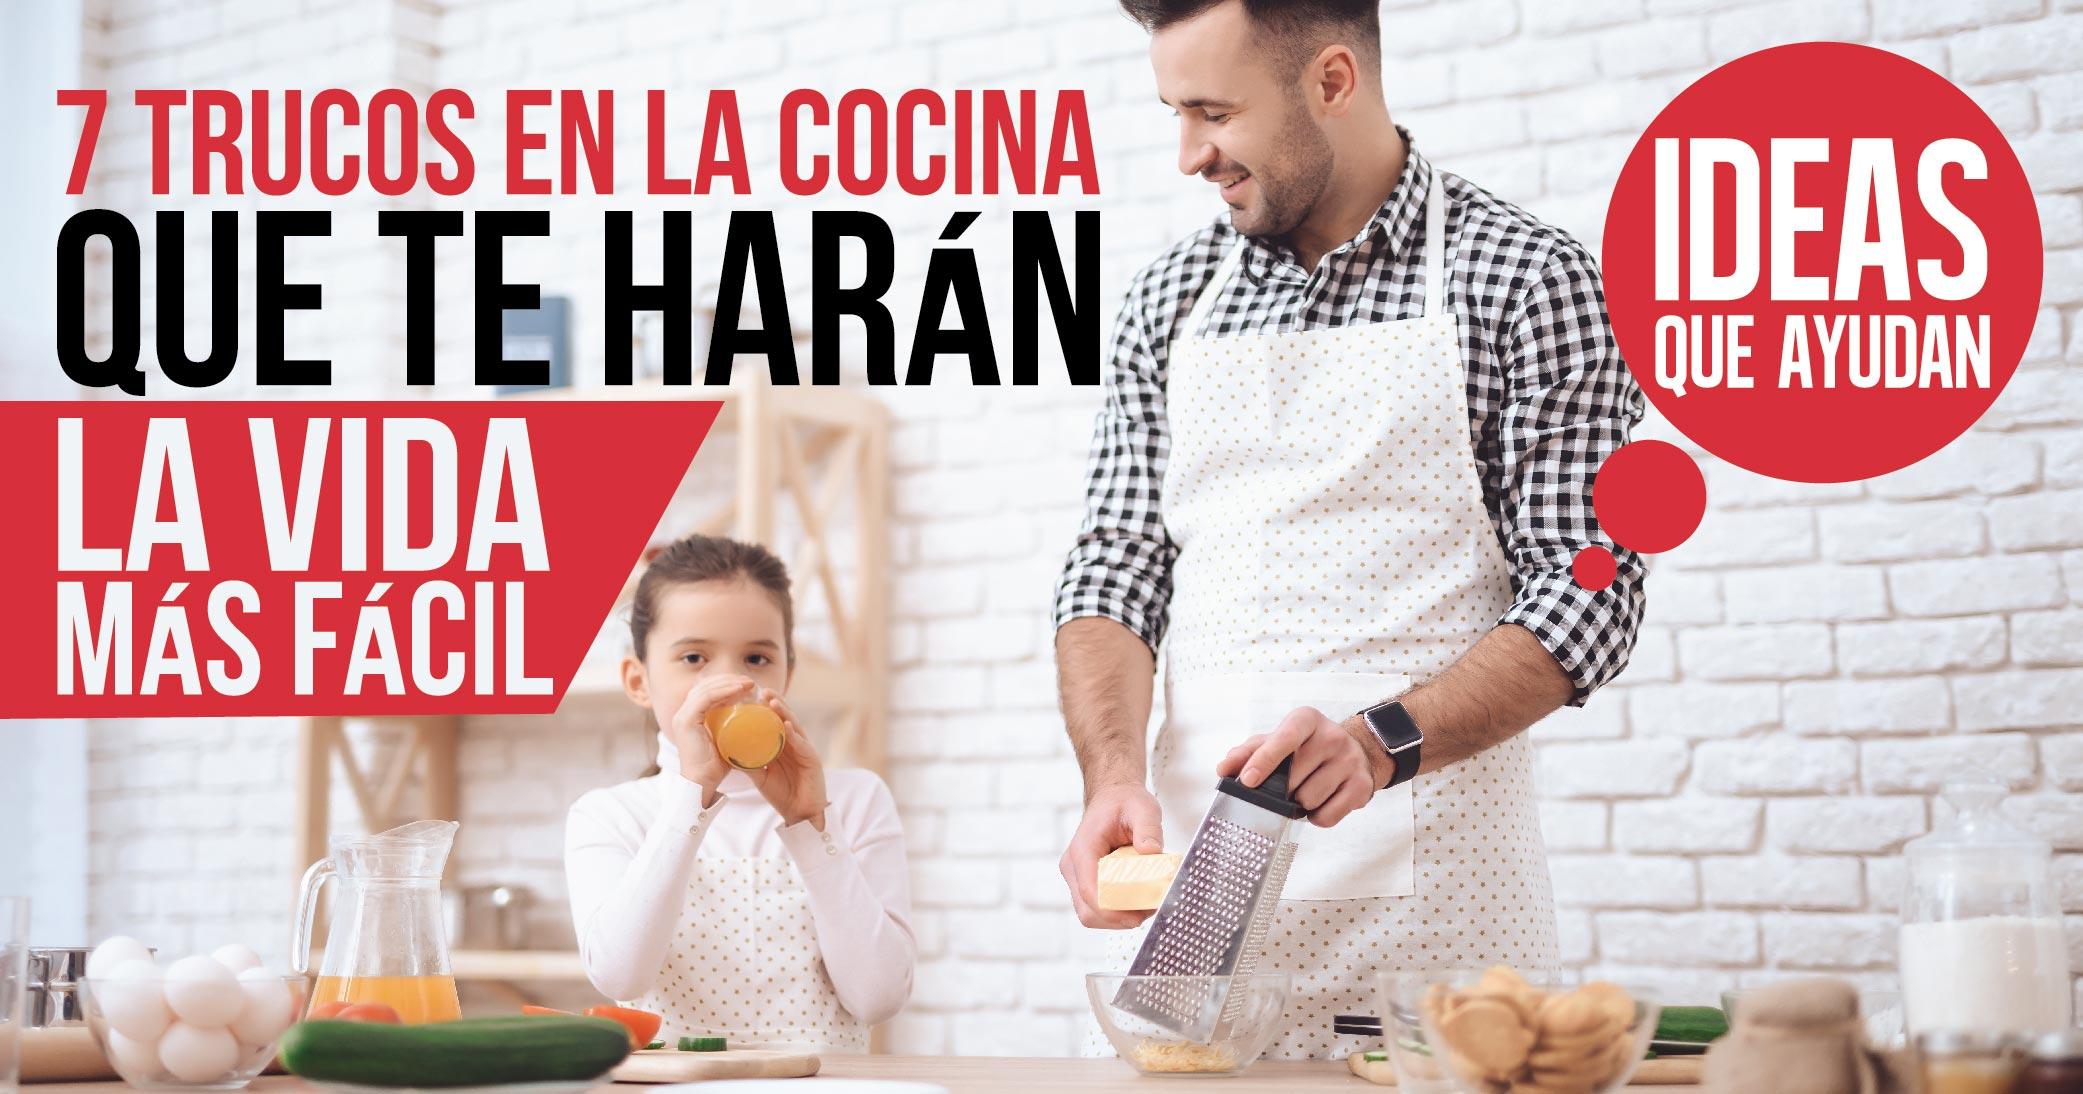 trucos en la cocina que te haran la vida mas facil